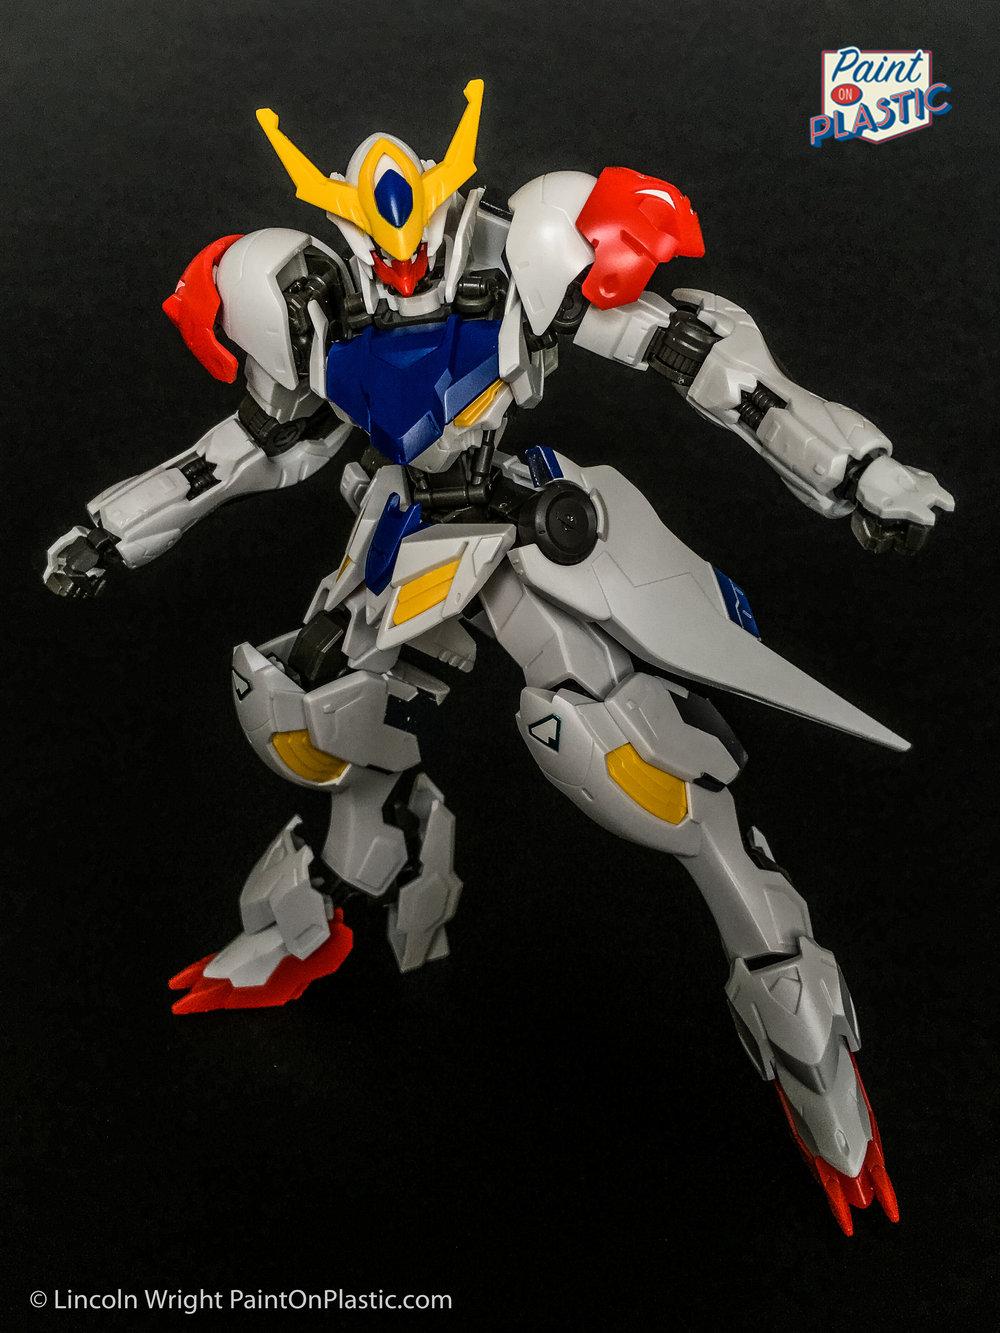 Gundam Barbados Lupus PaintOnPlastic-12.jpg